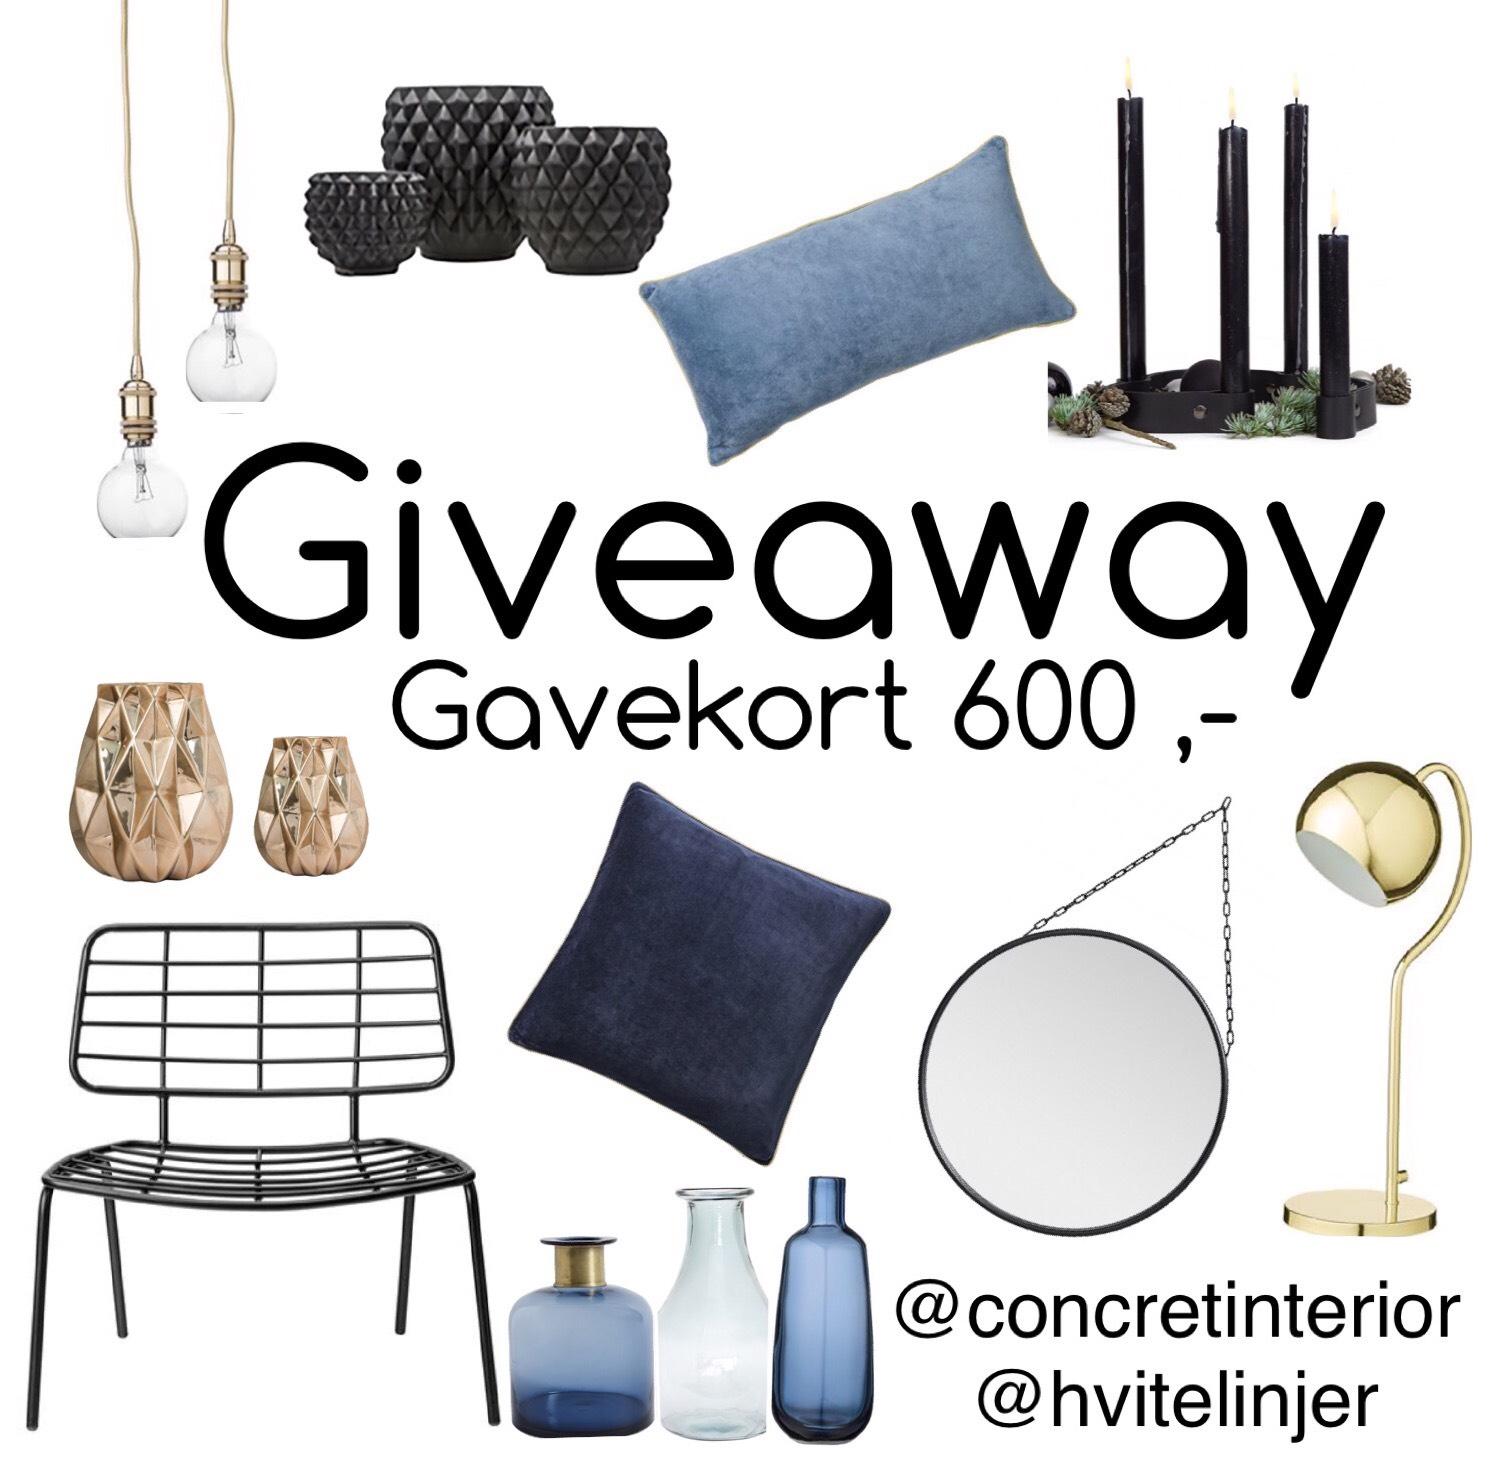 Giveaway – Gavekort